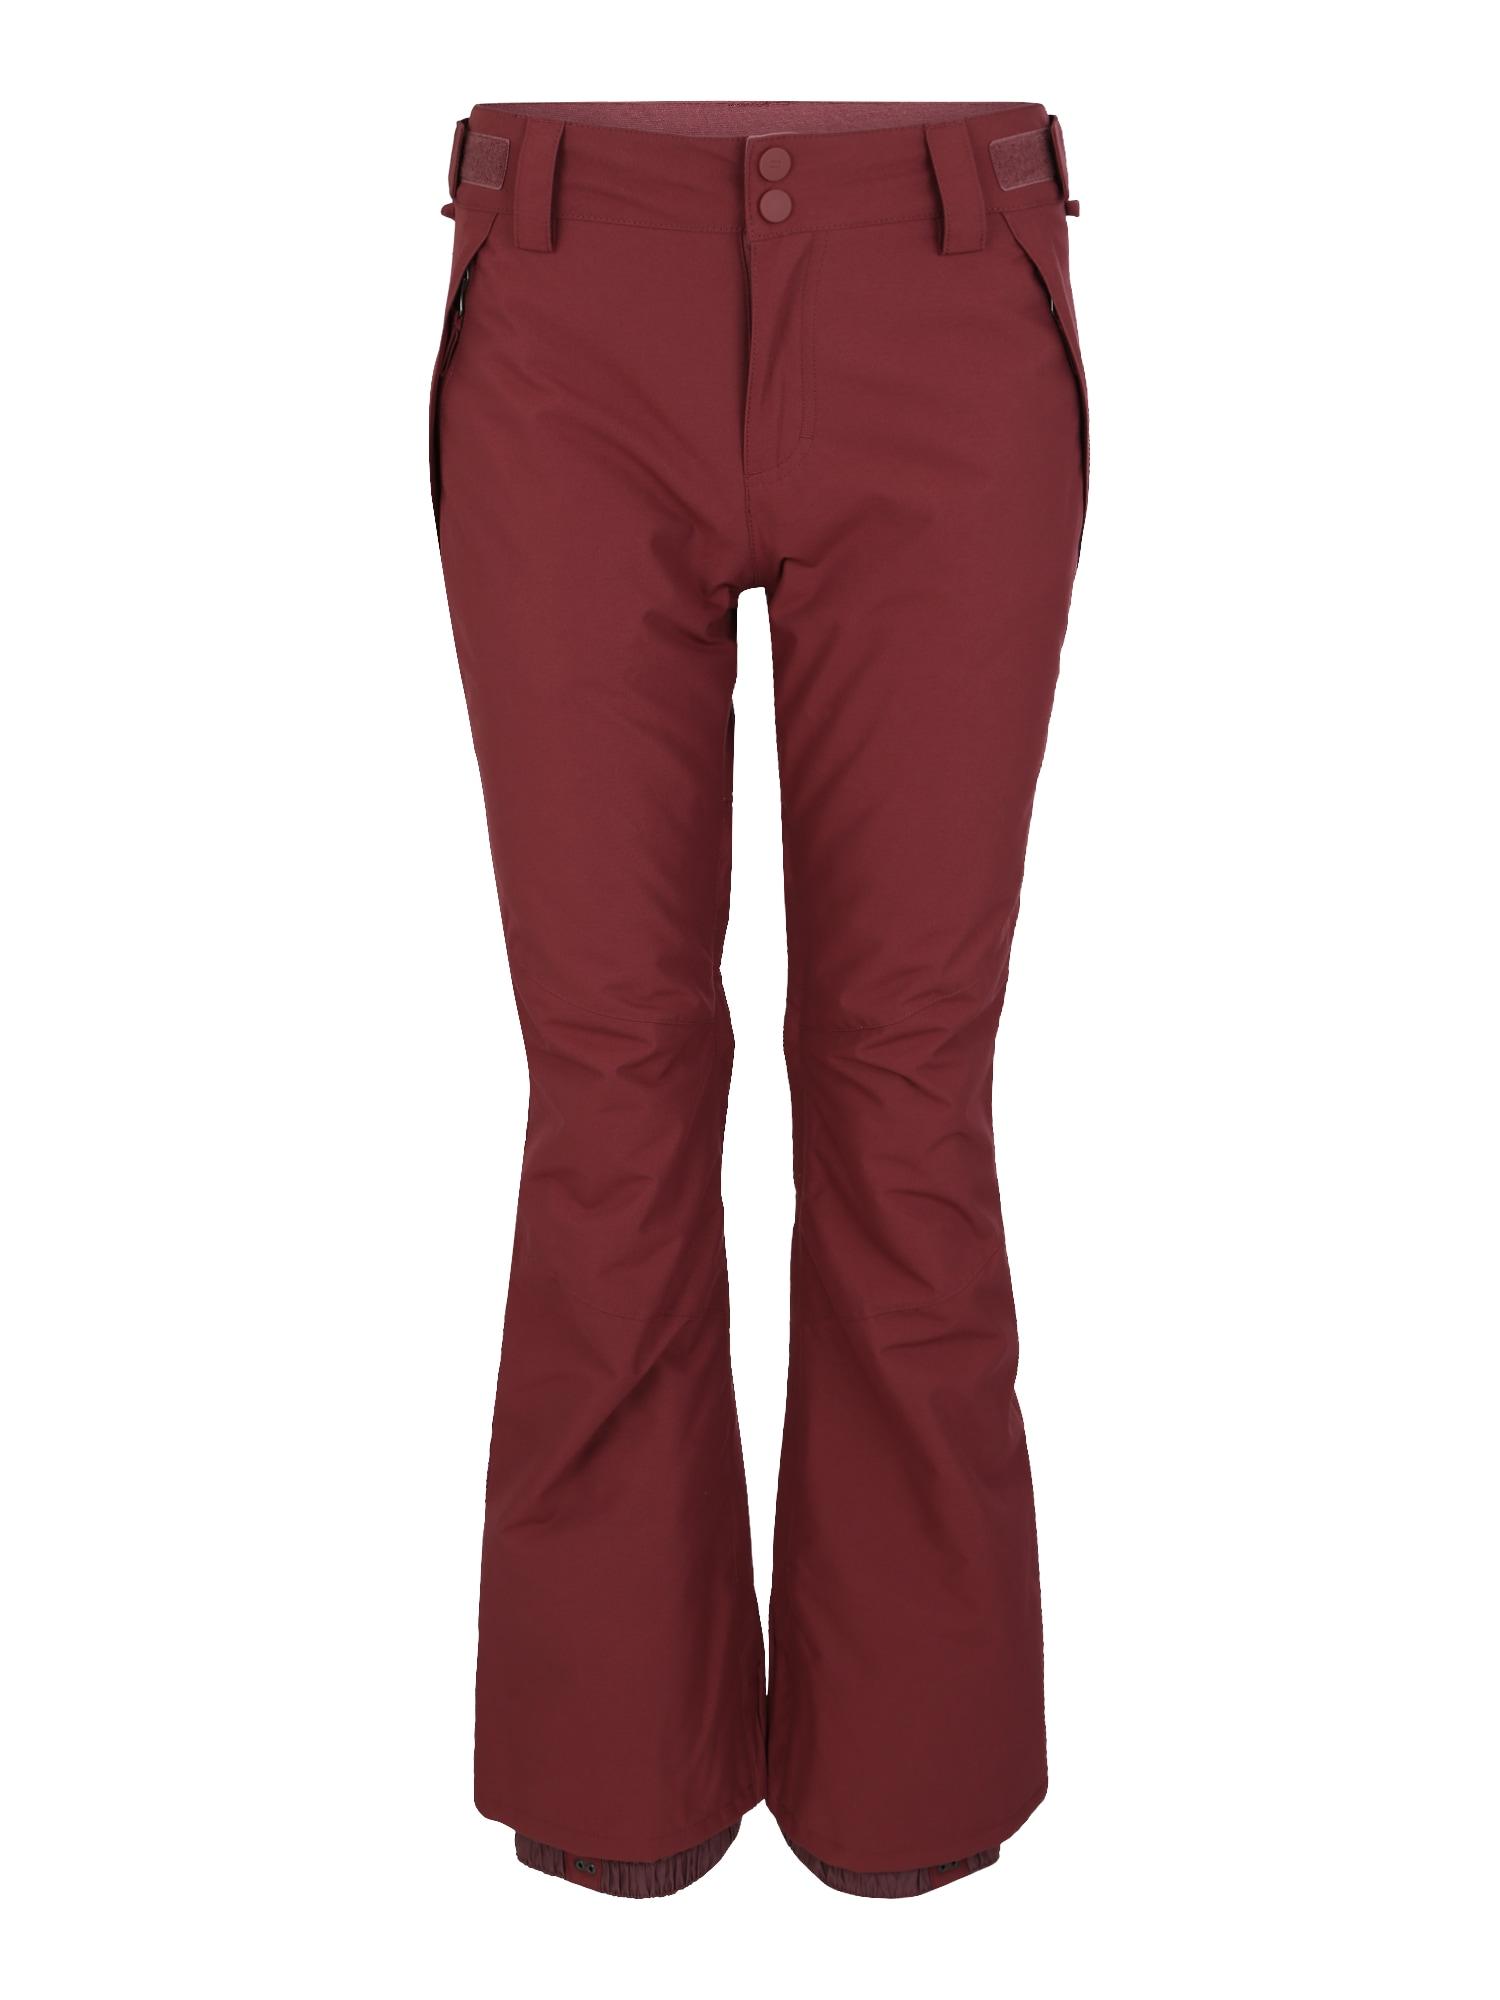 Sportovní kalhoty Malla tmavě červená BILLABONG